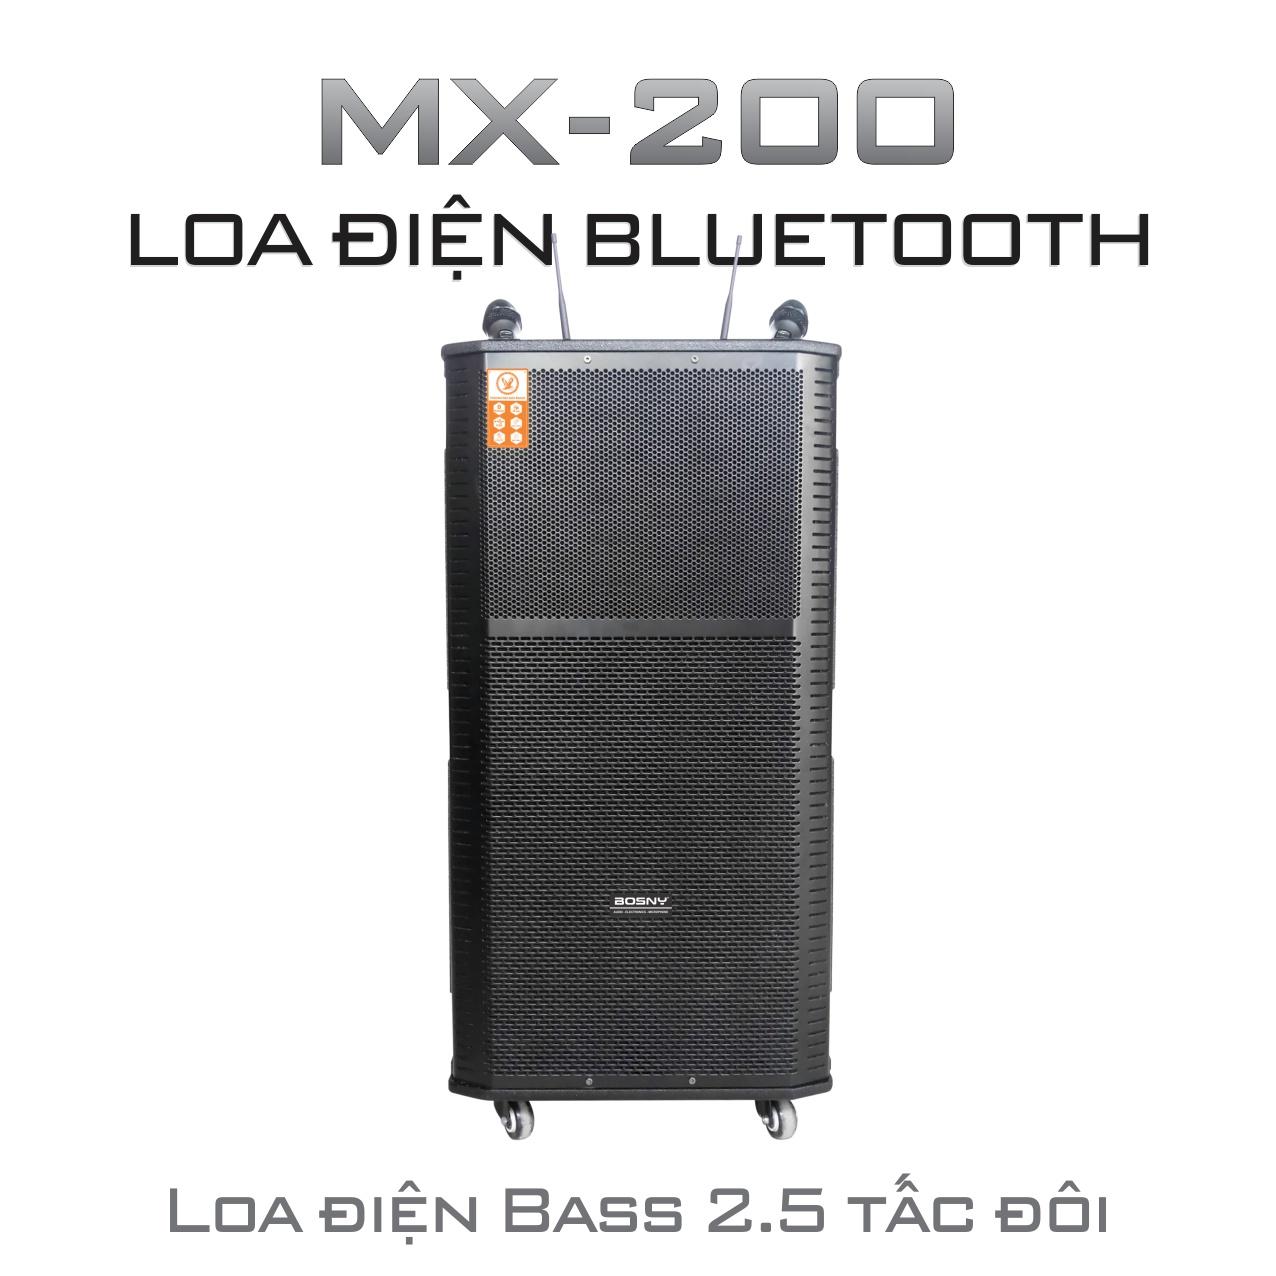 LOA ĐIỆN BLUETOOTH BOSNY MX-200 (Hàng chính hãng)